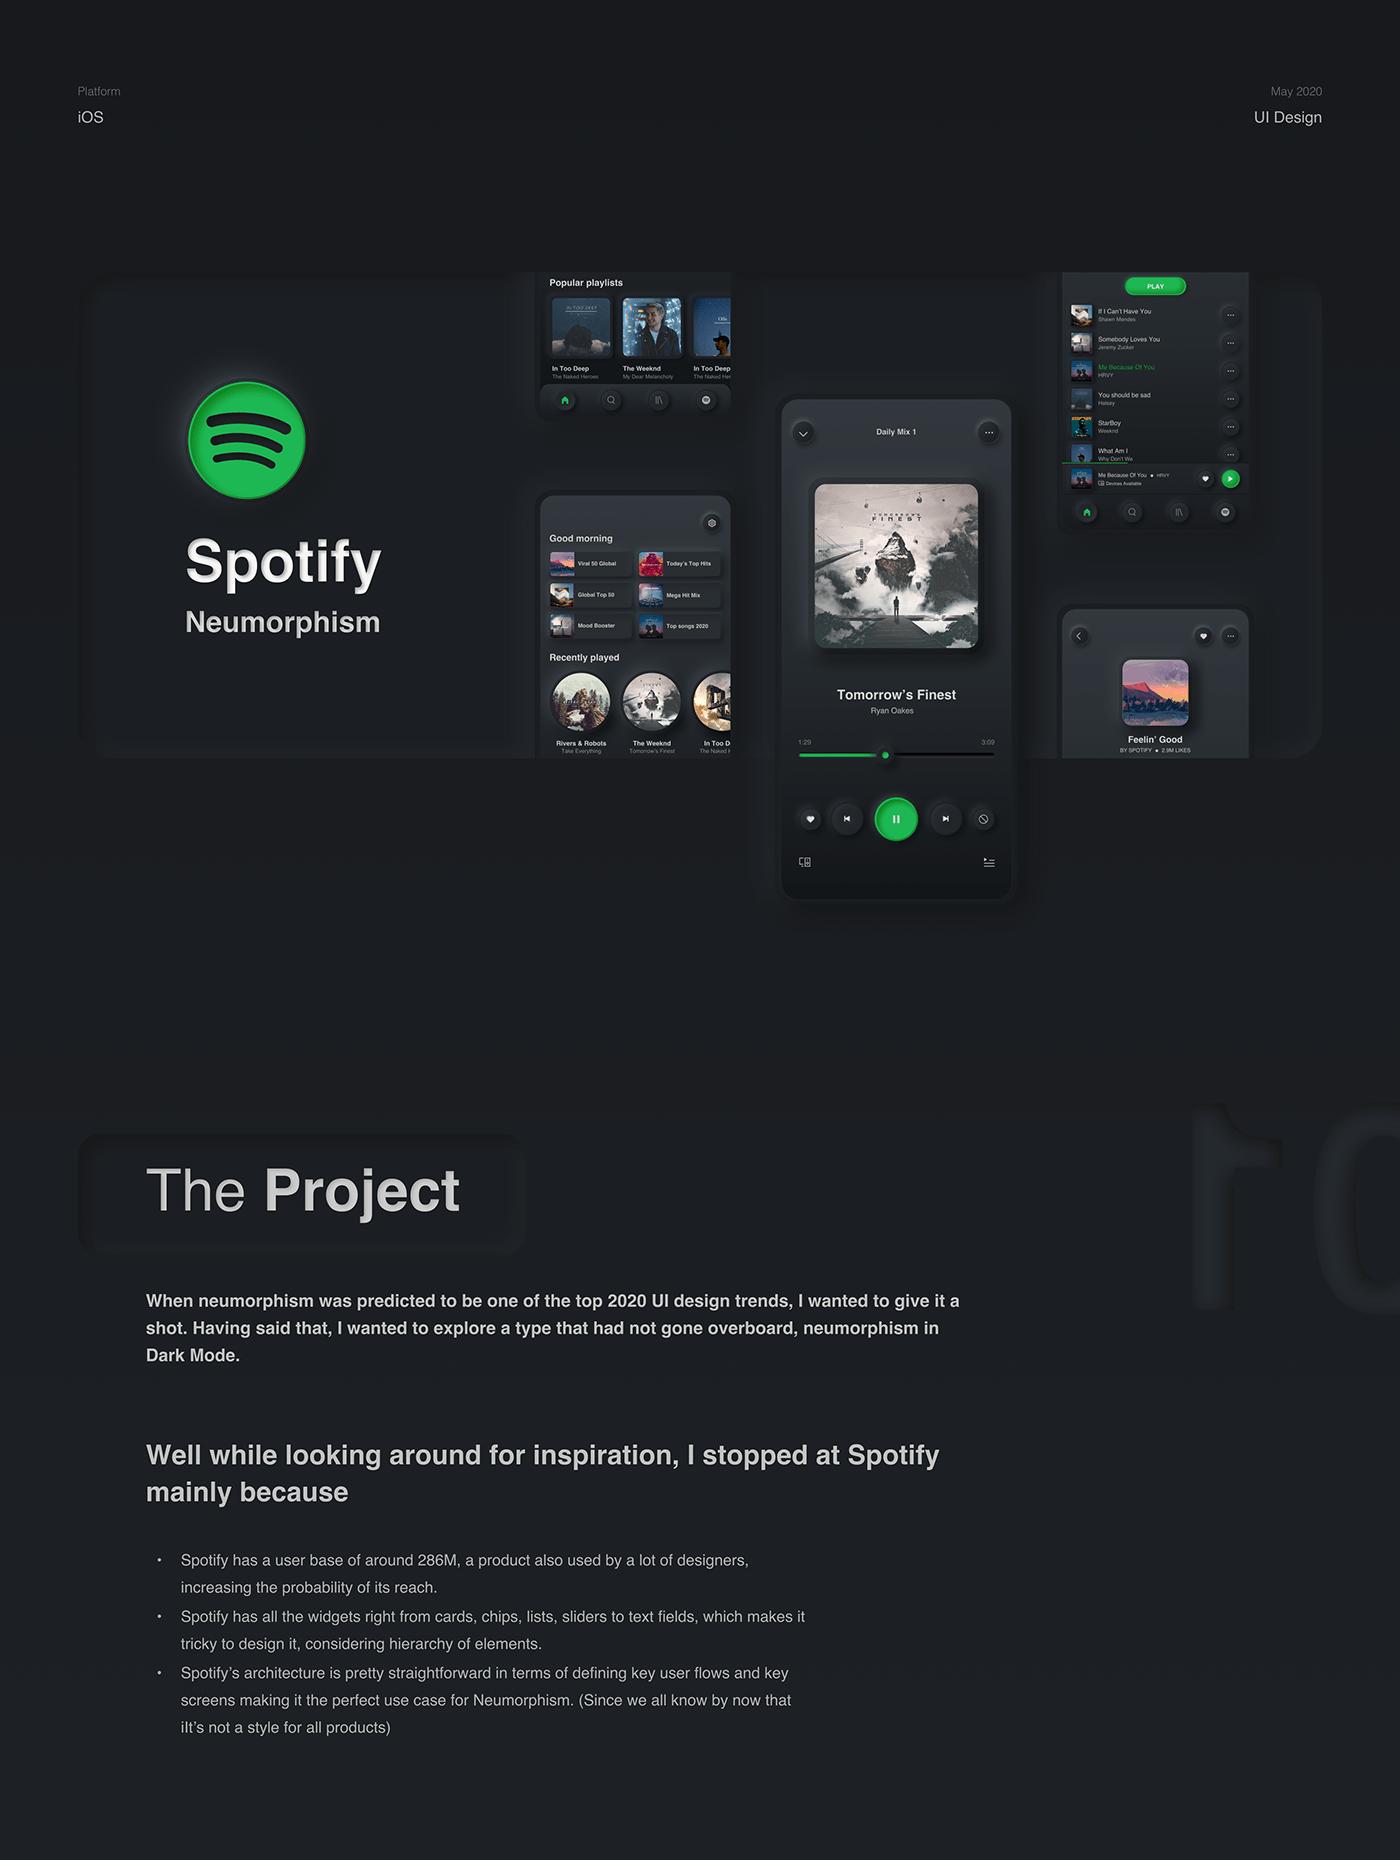 dark mode dark ui interaction music app Music Player neumorphic neumorphism trend 2020 soft ui spotify